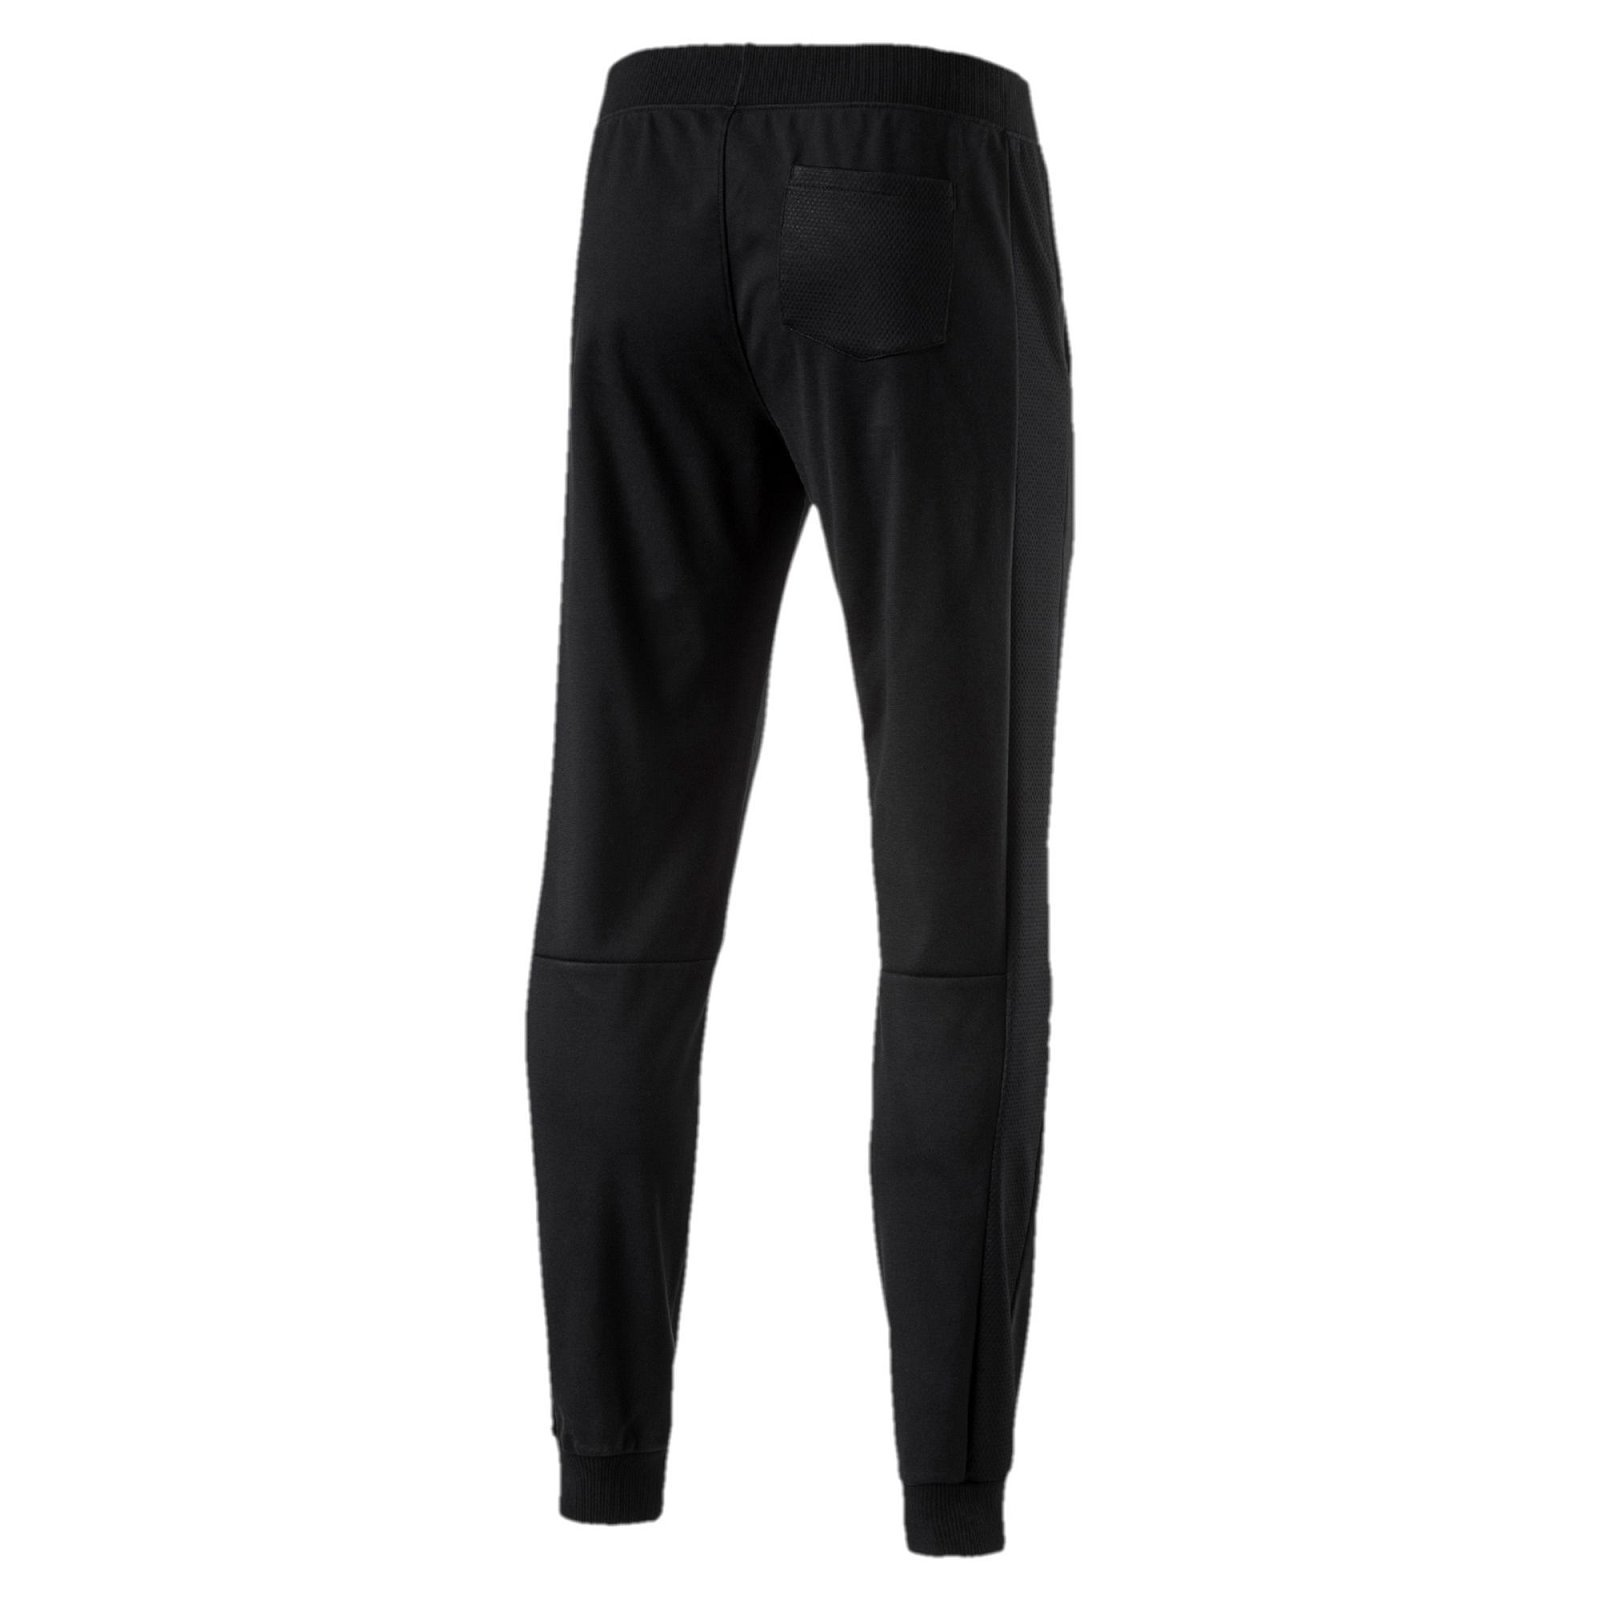 MAMGP Sweat Pants Puma Black